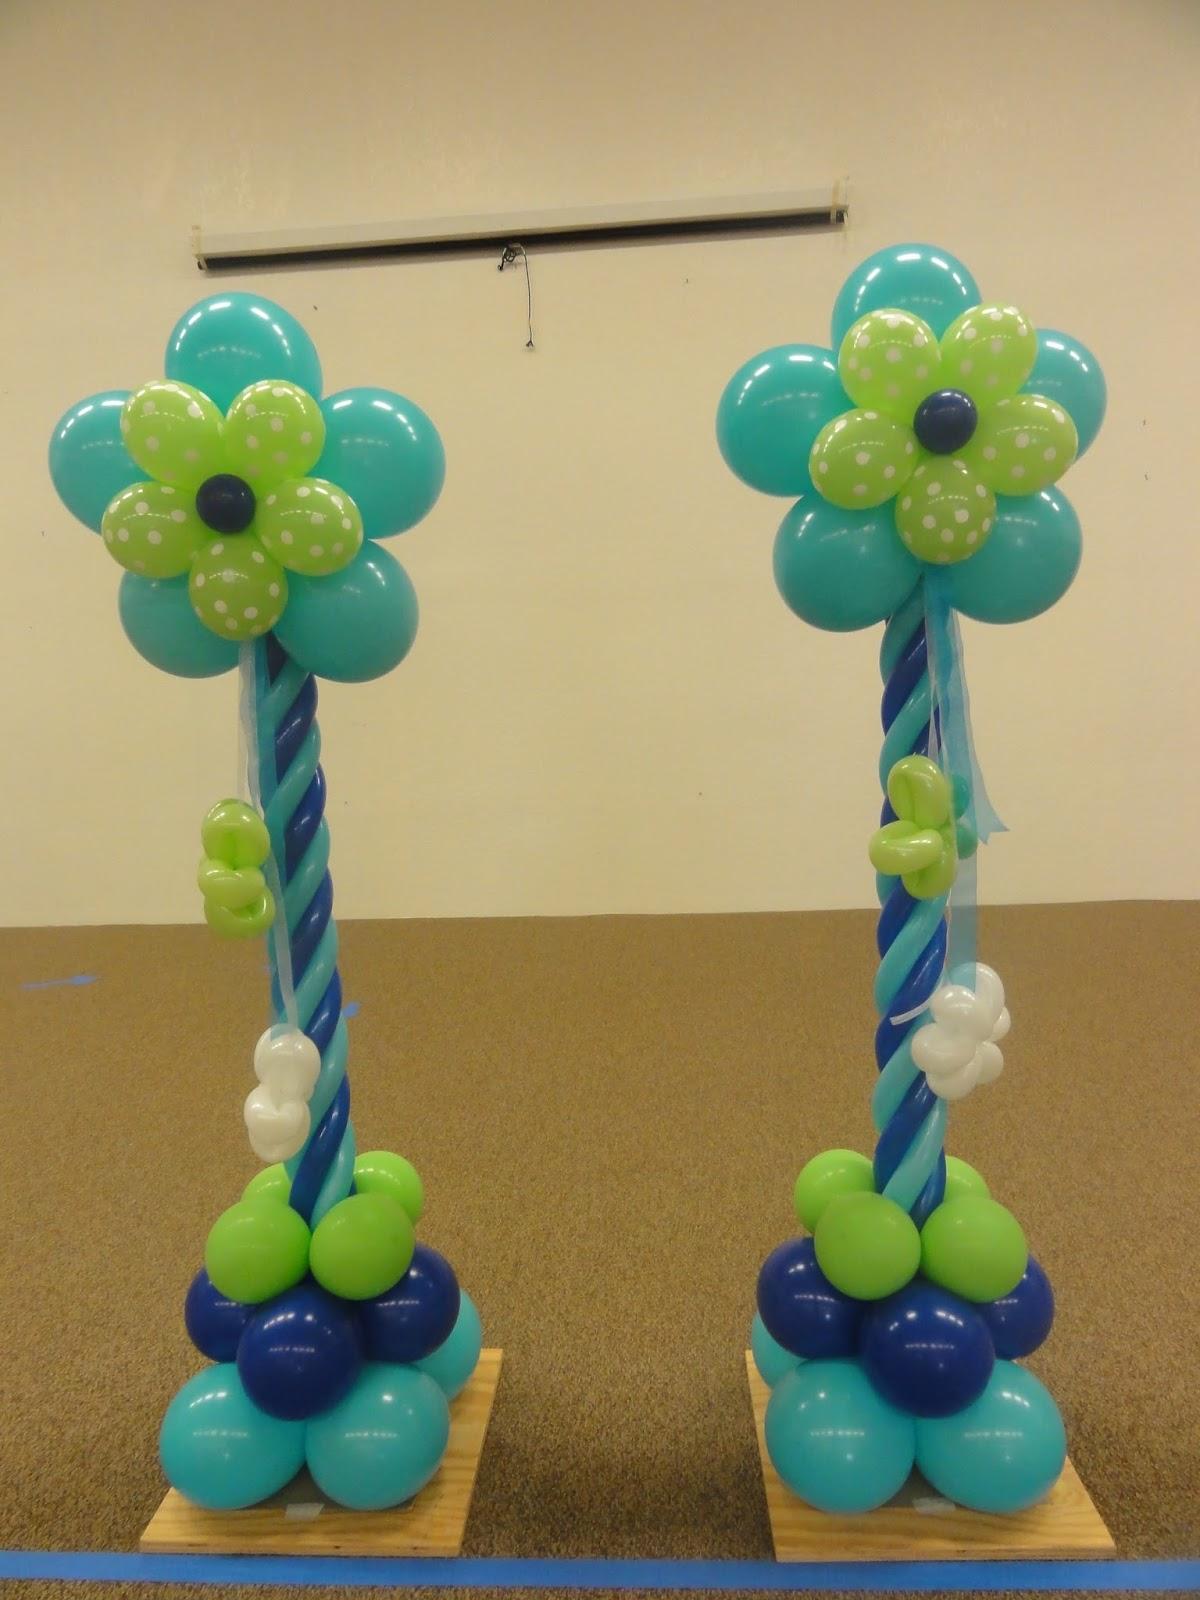 design balloons - Akba.greenw.co